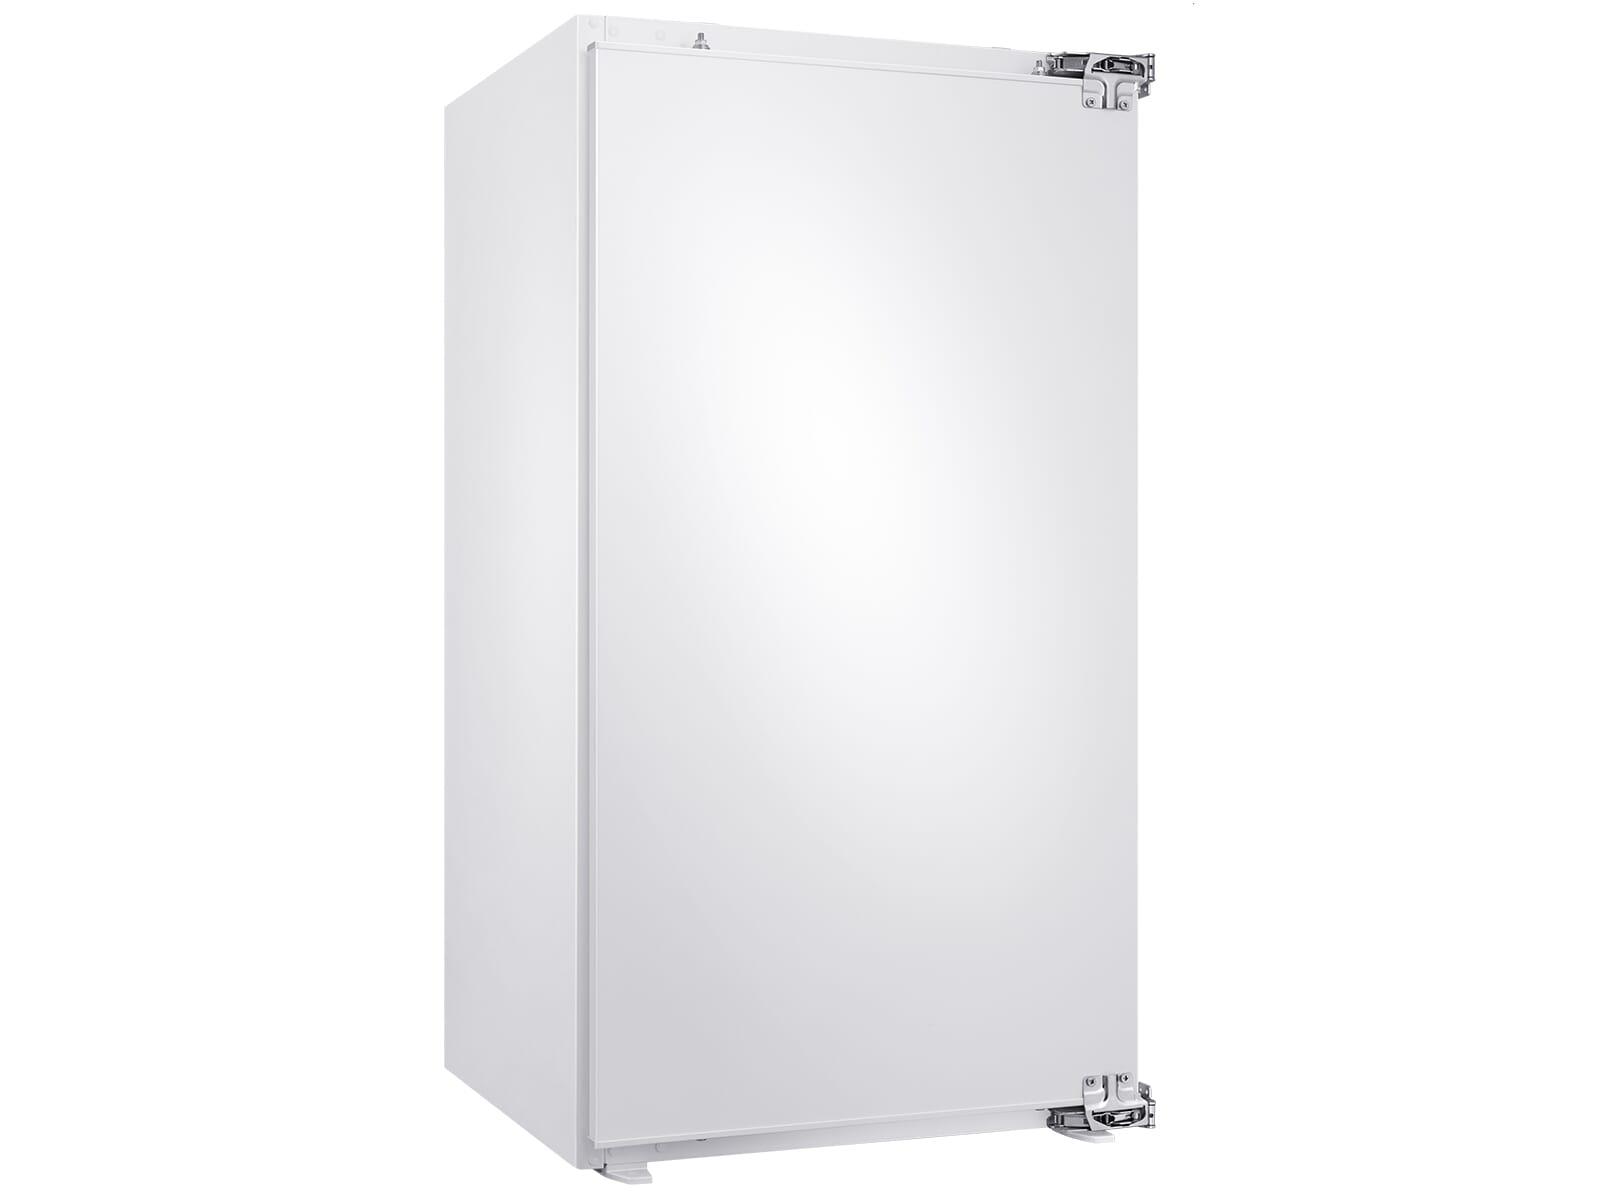 Samsung BRR16R121WW/EG Einbaukühlschrank